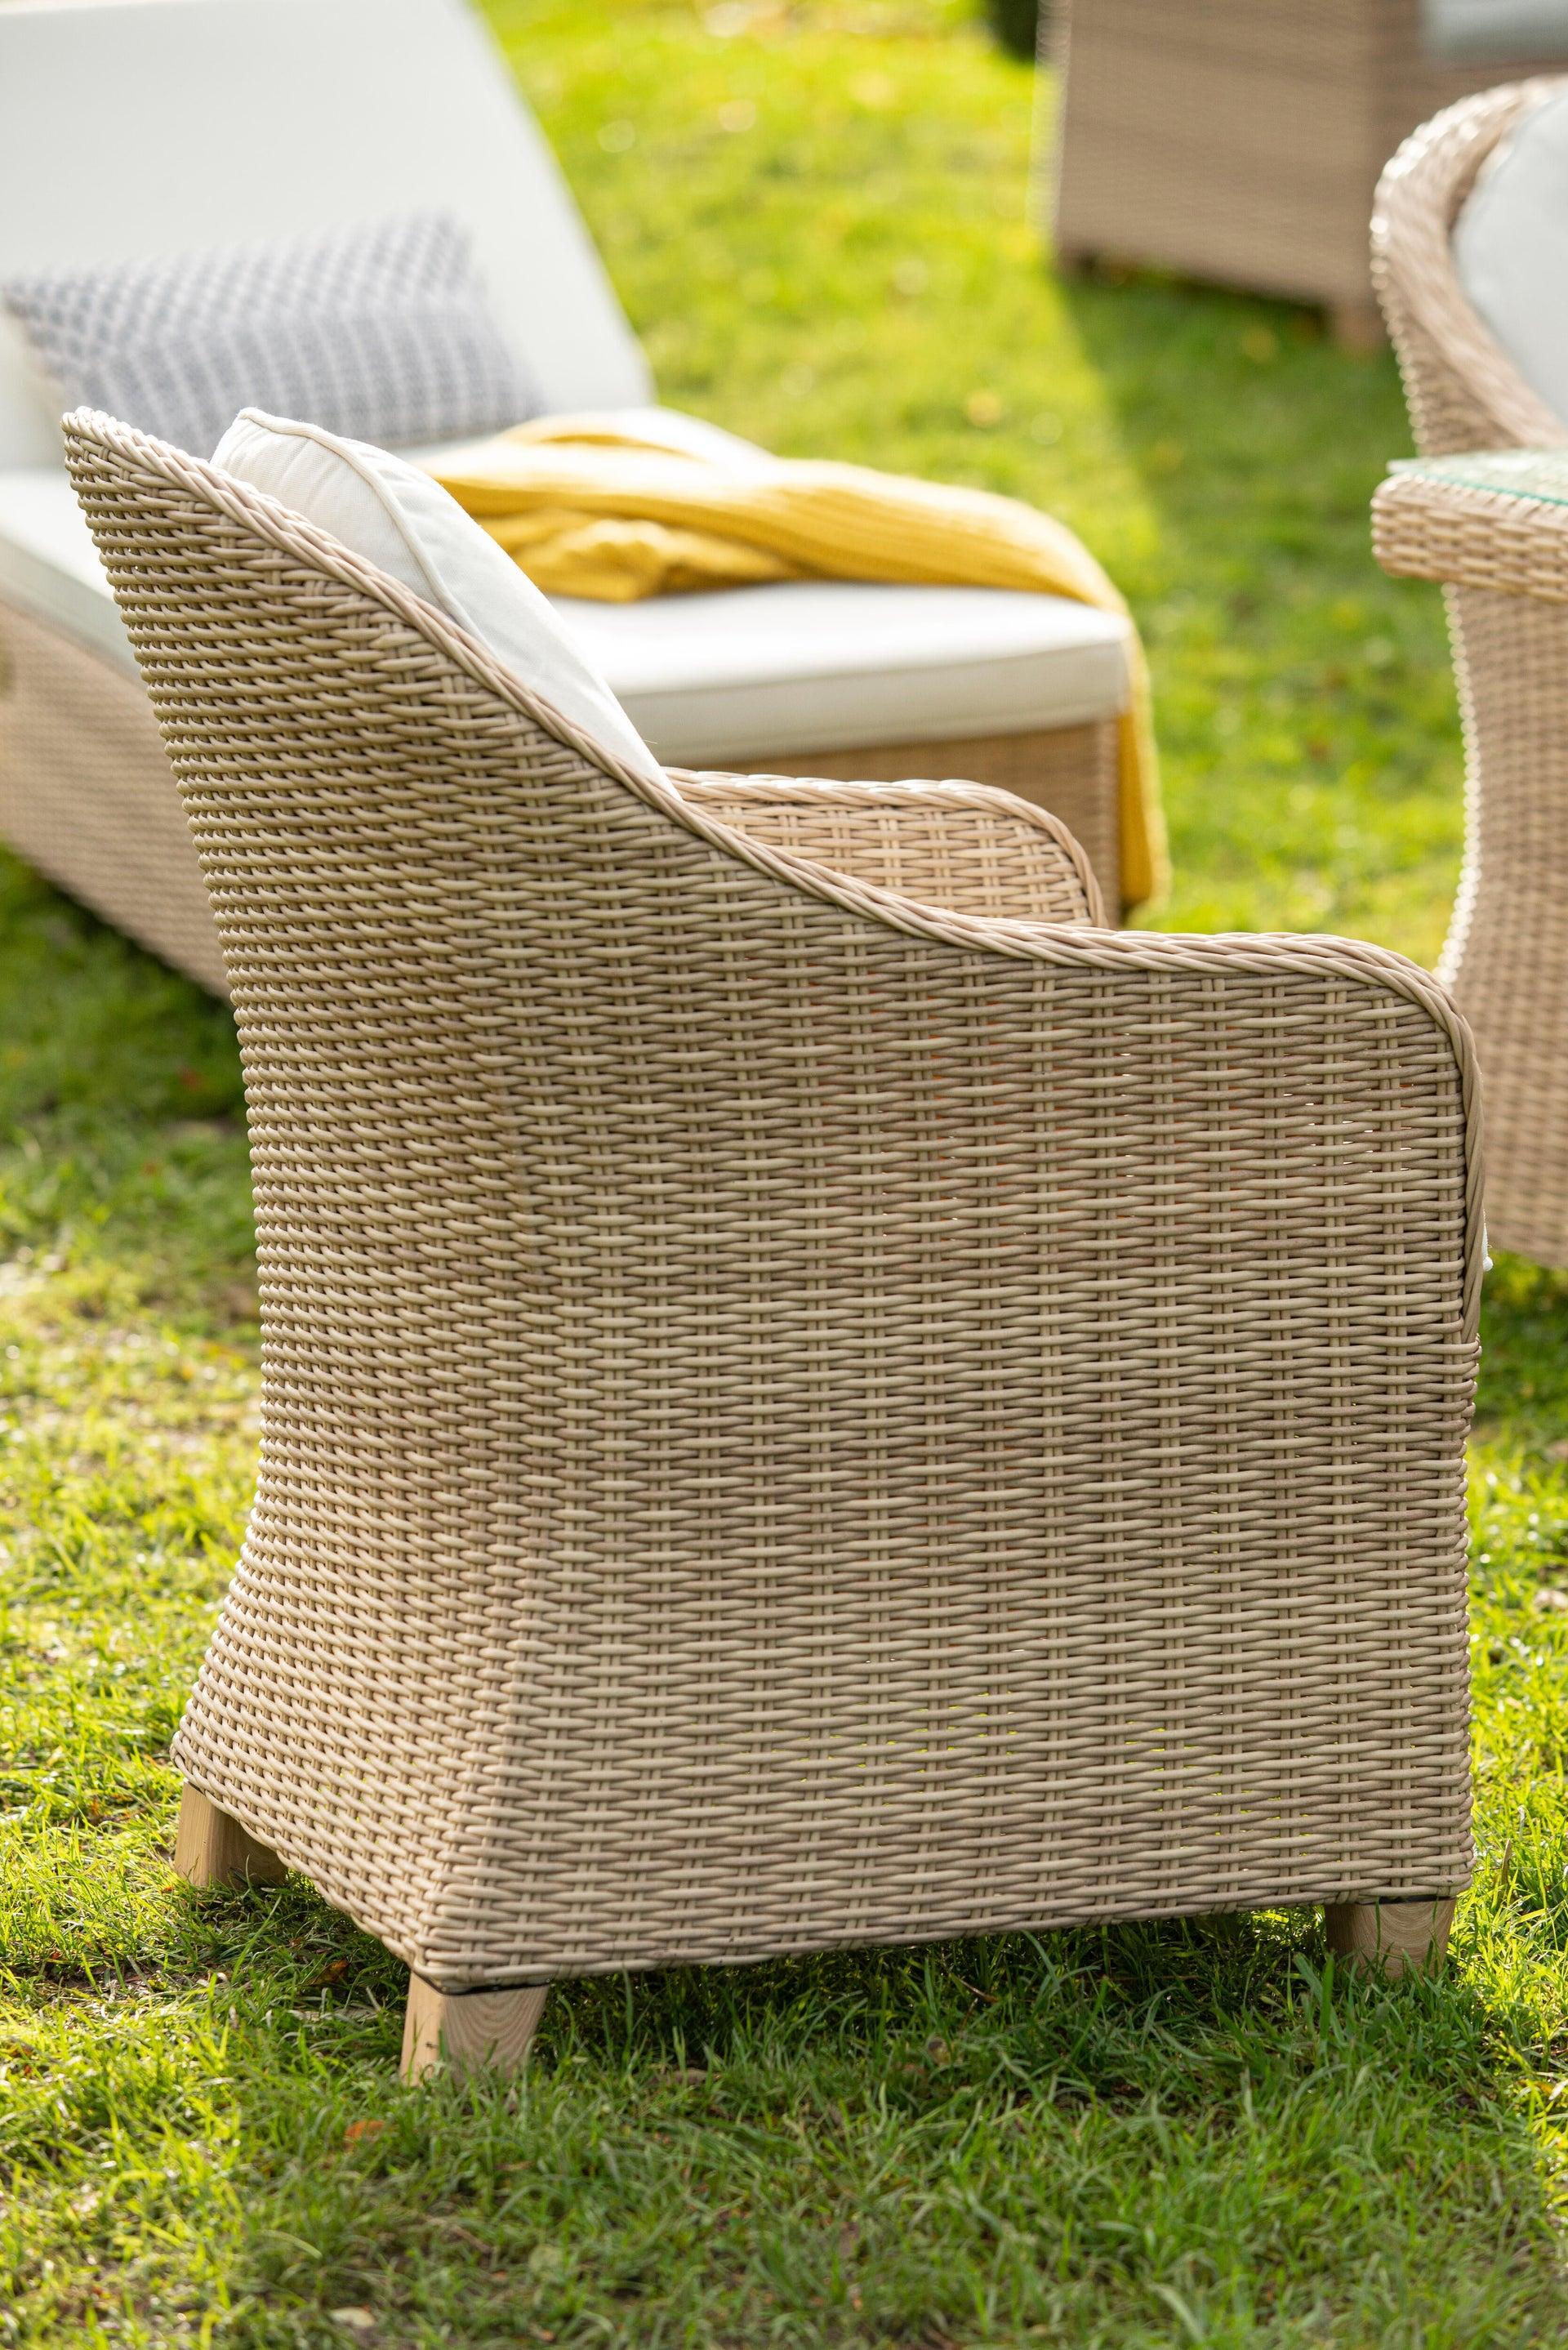 Poltrona da giardino con cuscino in alluminio Medena NATERIAL colore naturale - 3